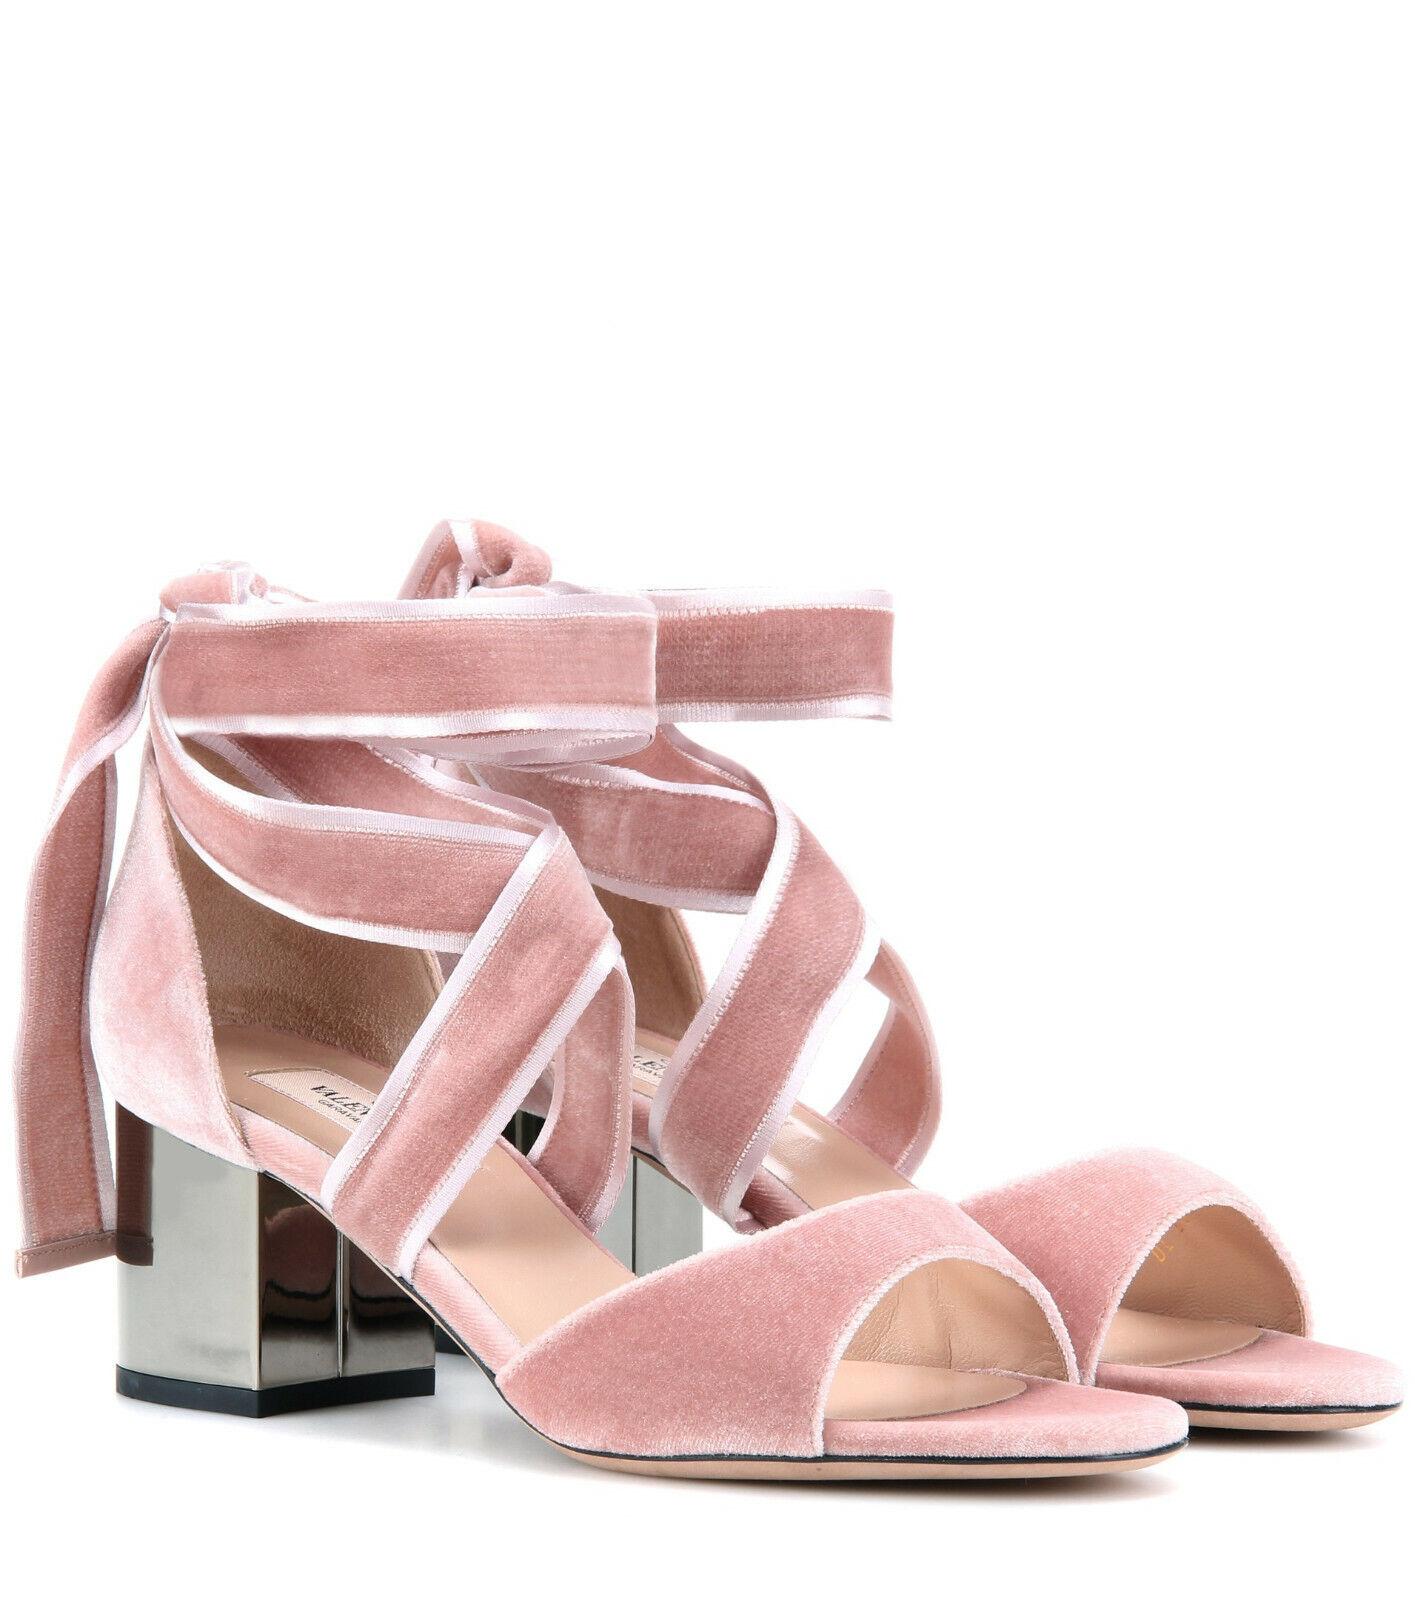 Valentino Garavani Velvet Ballet Fever Ankle-Wrap Sandal - New Pink size 5 1 2